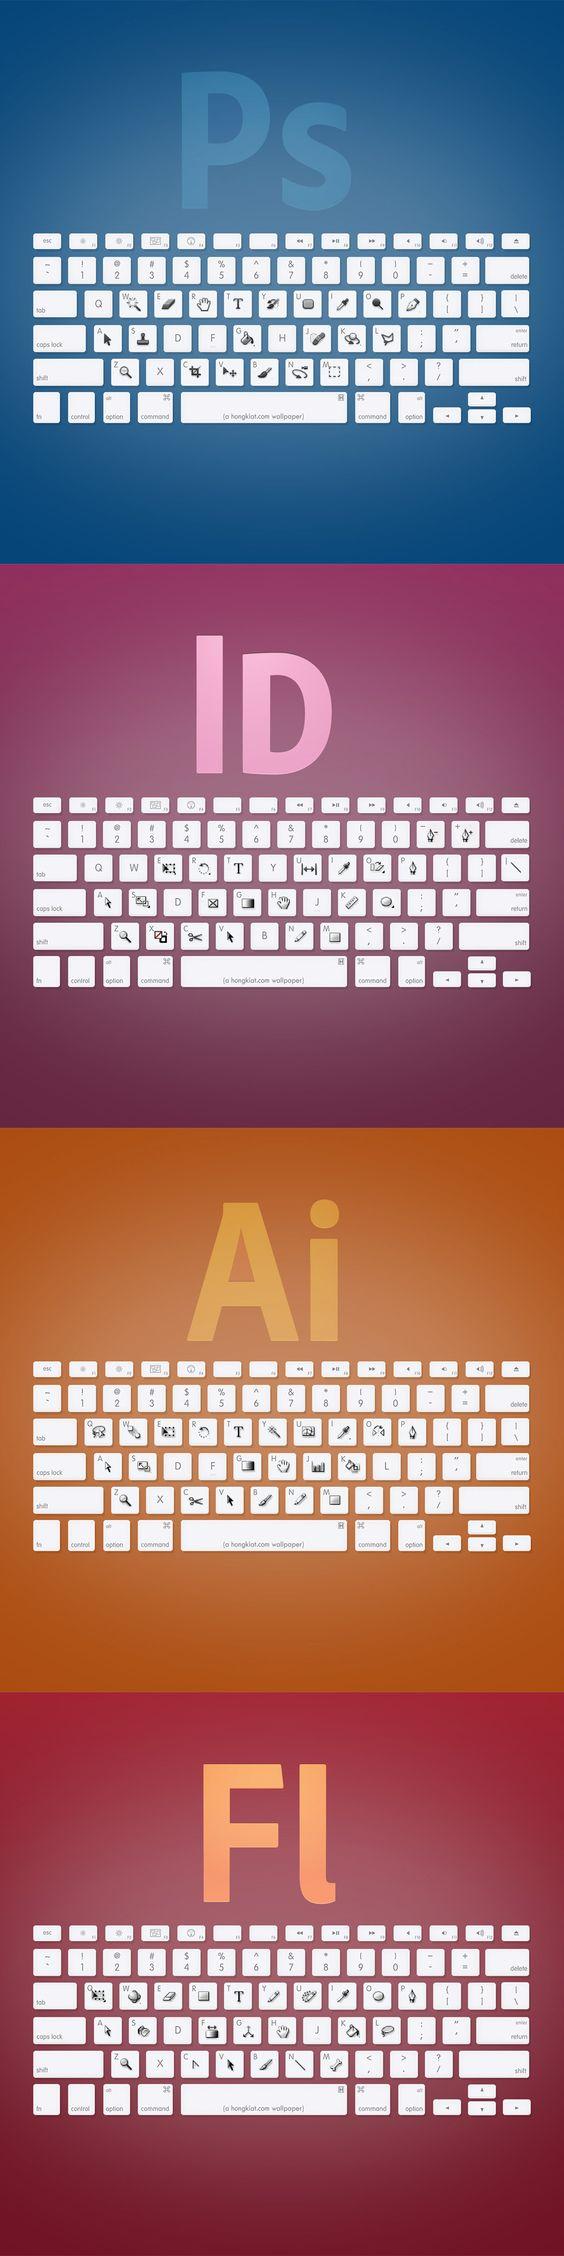 skróty-klawiszowe-programy-graficzne